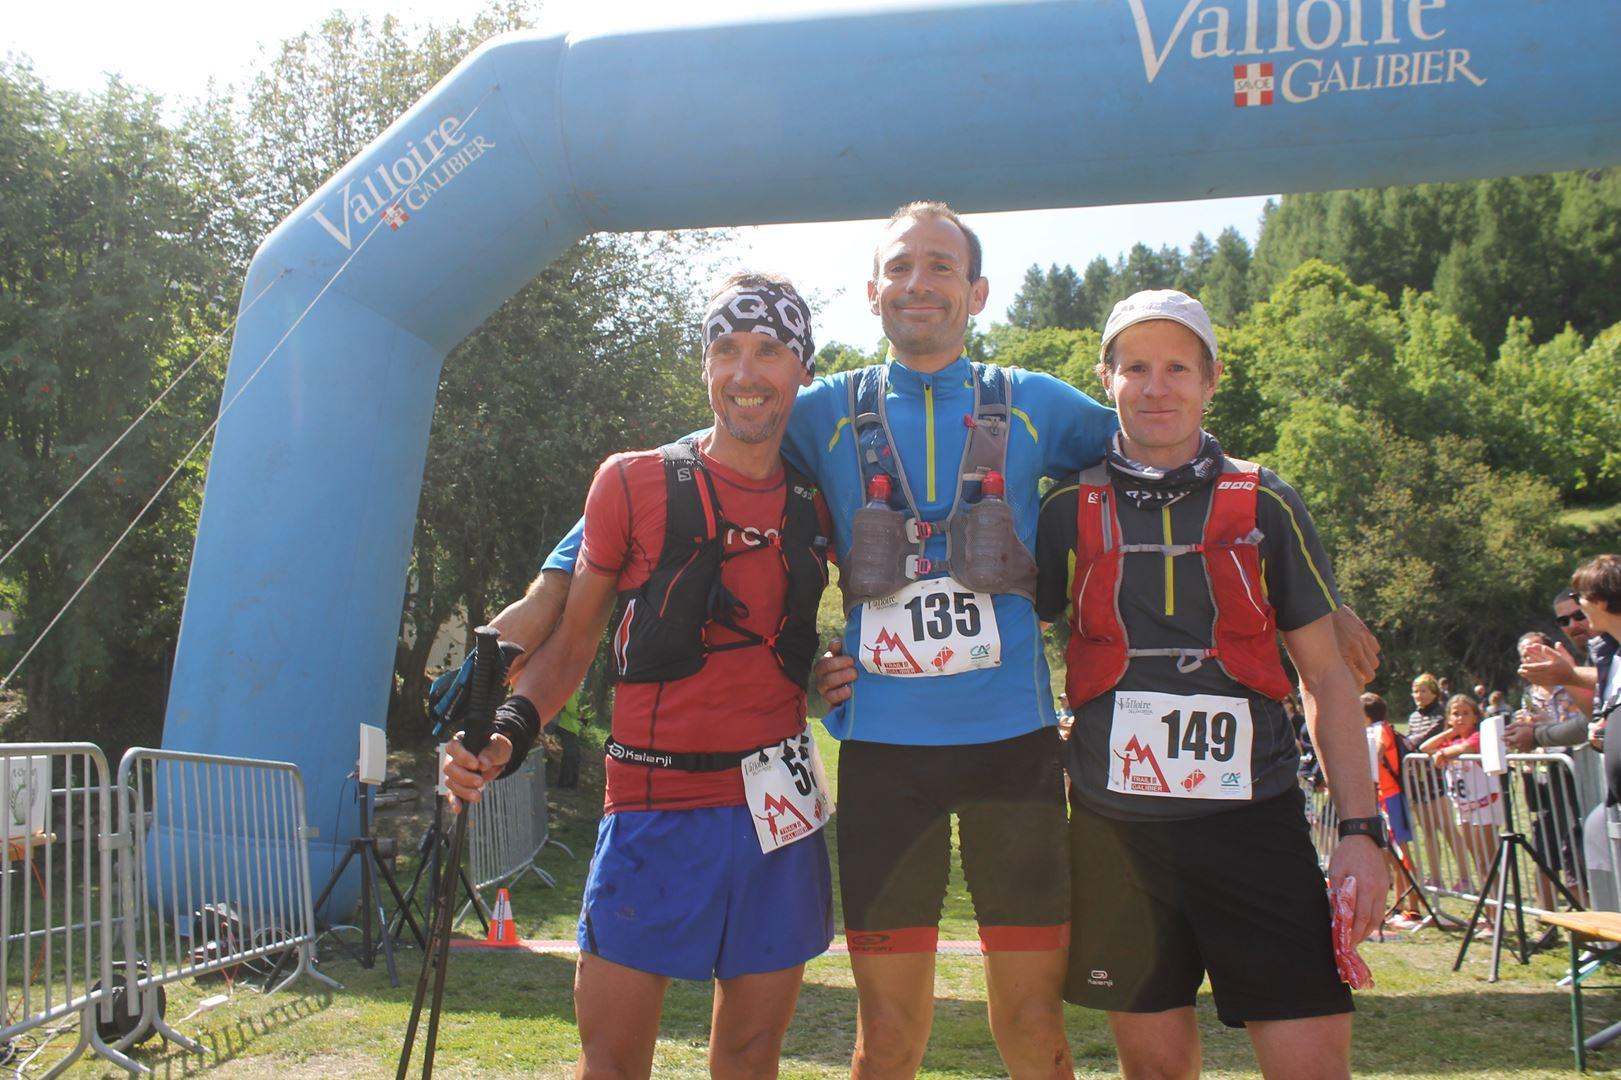 podium hommes du 46km - RESULTATS DU 9EME TRAIL DU GALIBIER (VALLOIRE 73) 20-08-2017